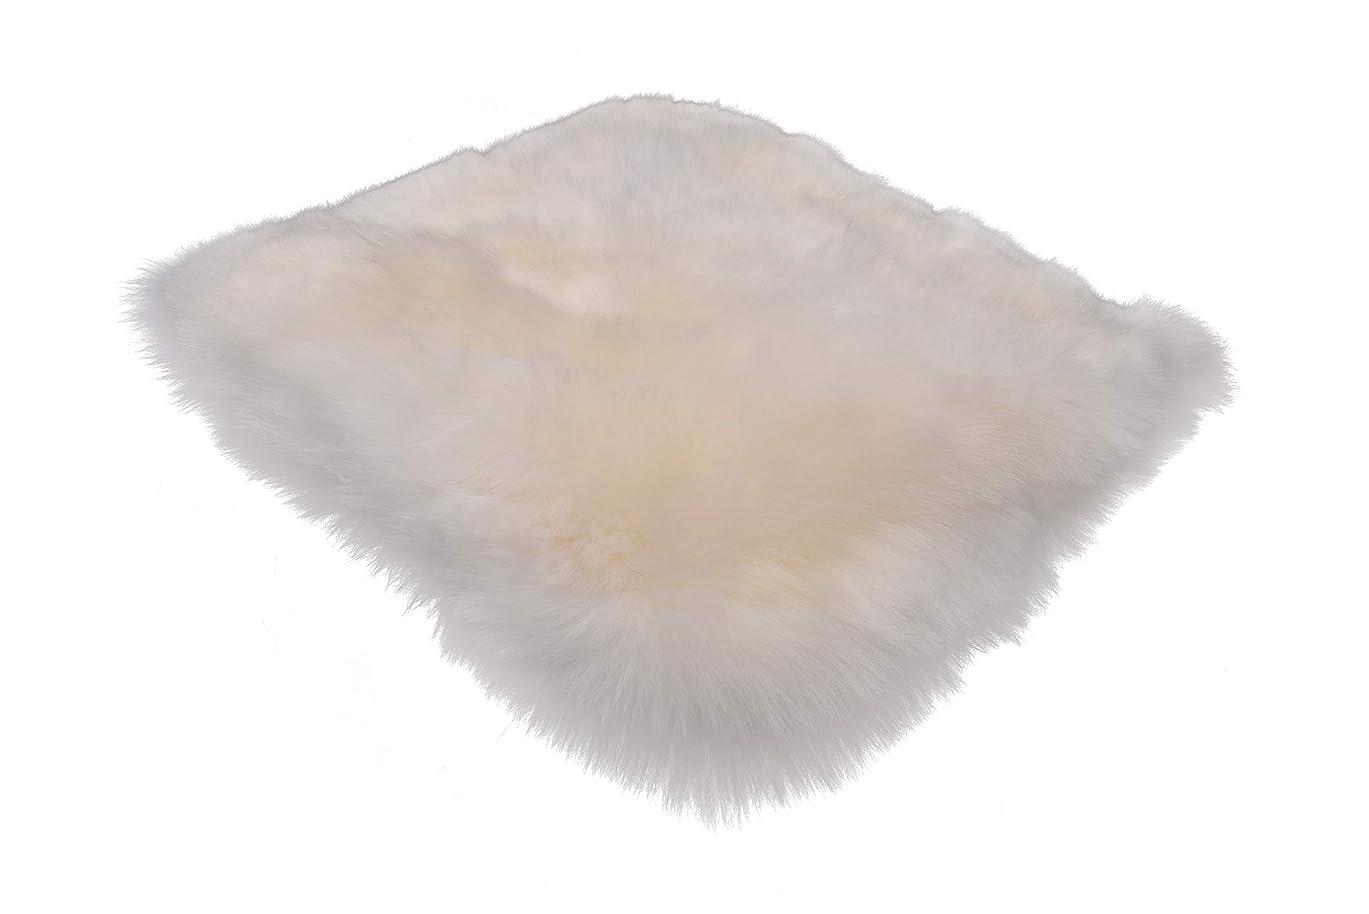 特権改善する主権者カタク(KATAKU)ムートンラグ シャギー マット ふわふわ 柔らかい 毛長約80mm 人工ウール 洗える 絨毯 滑り止め ソファー/椅子敷物 年中 床暖房対応 カーペット ラグマット(羊の姿、長方形、円形)